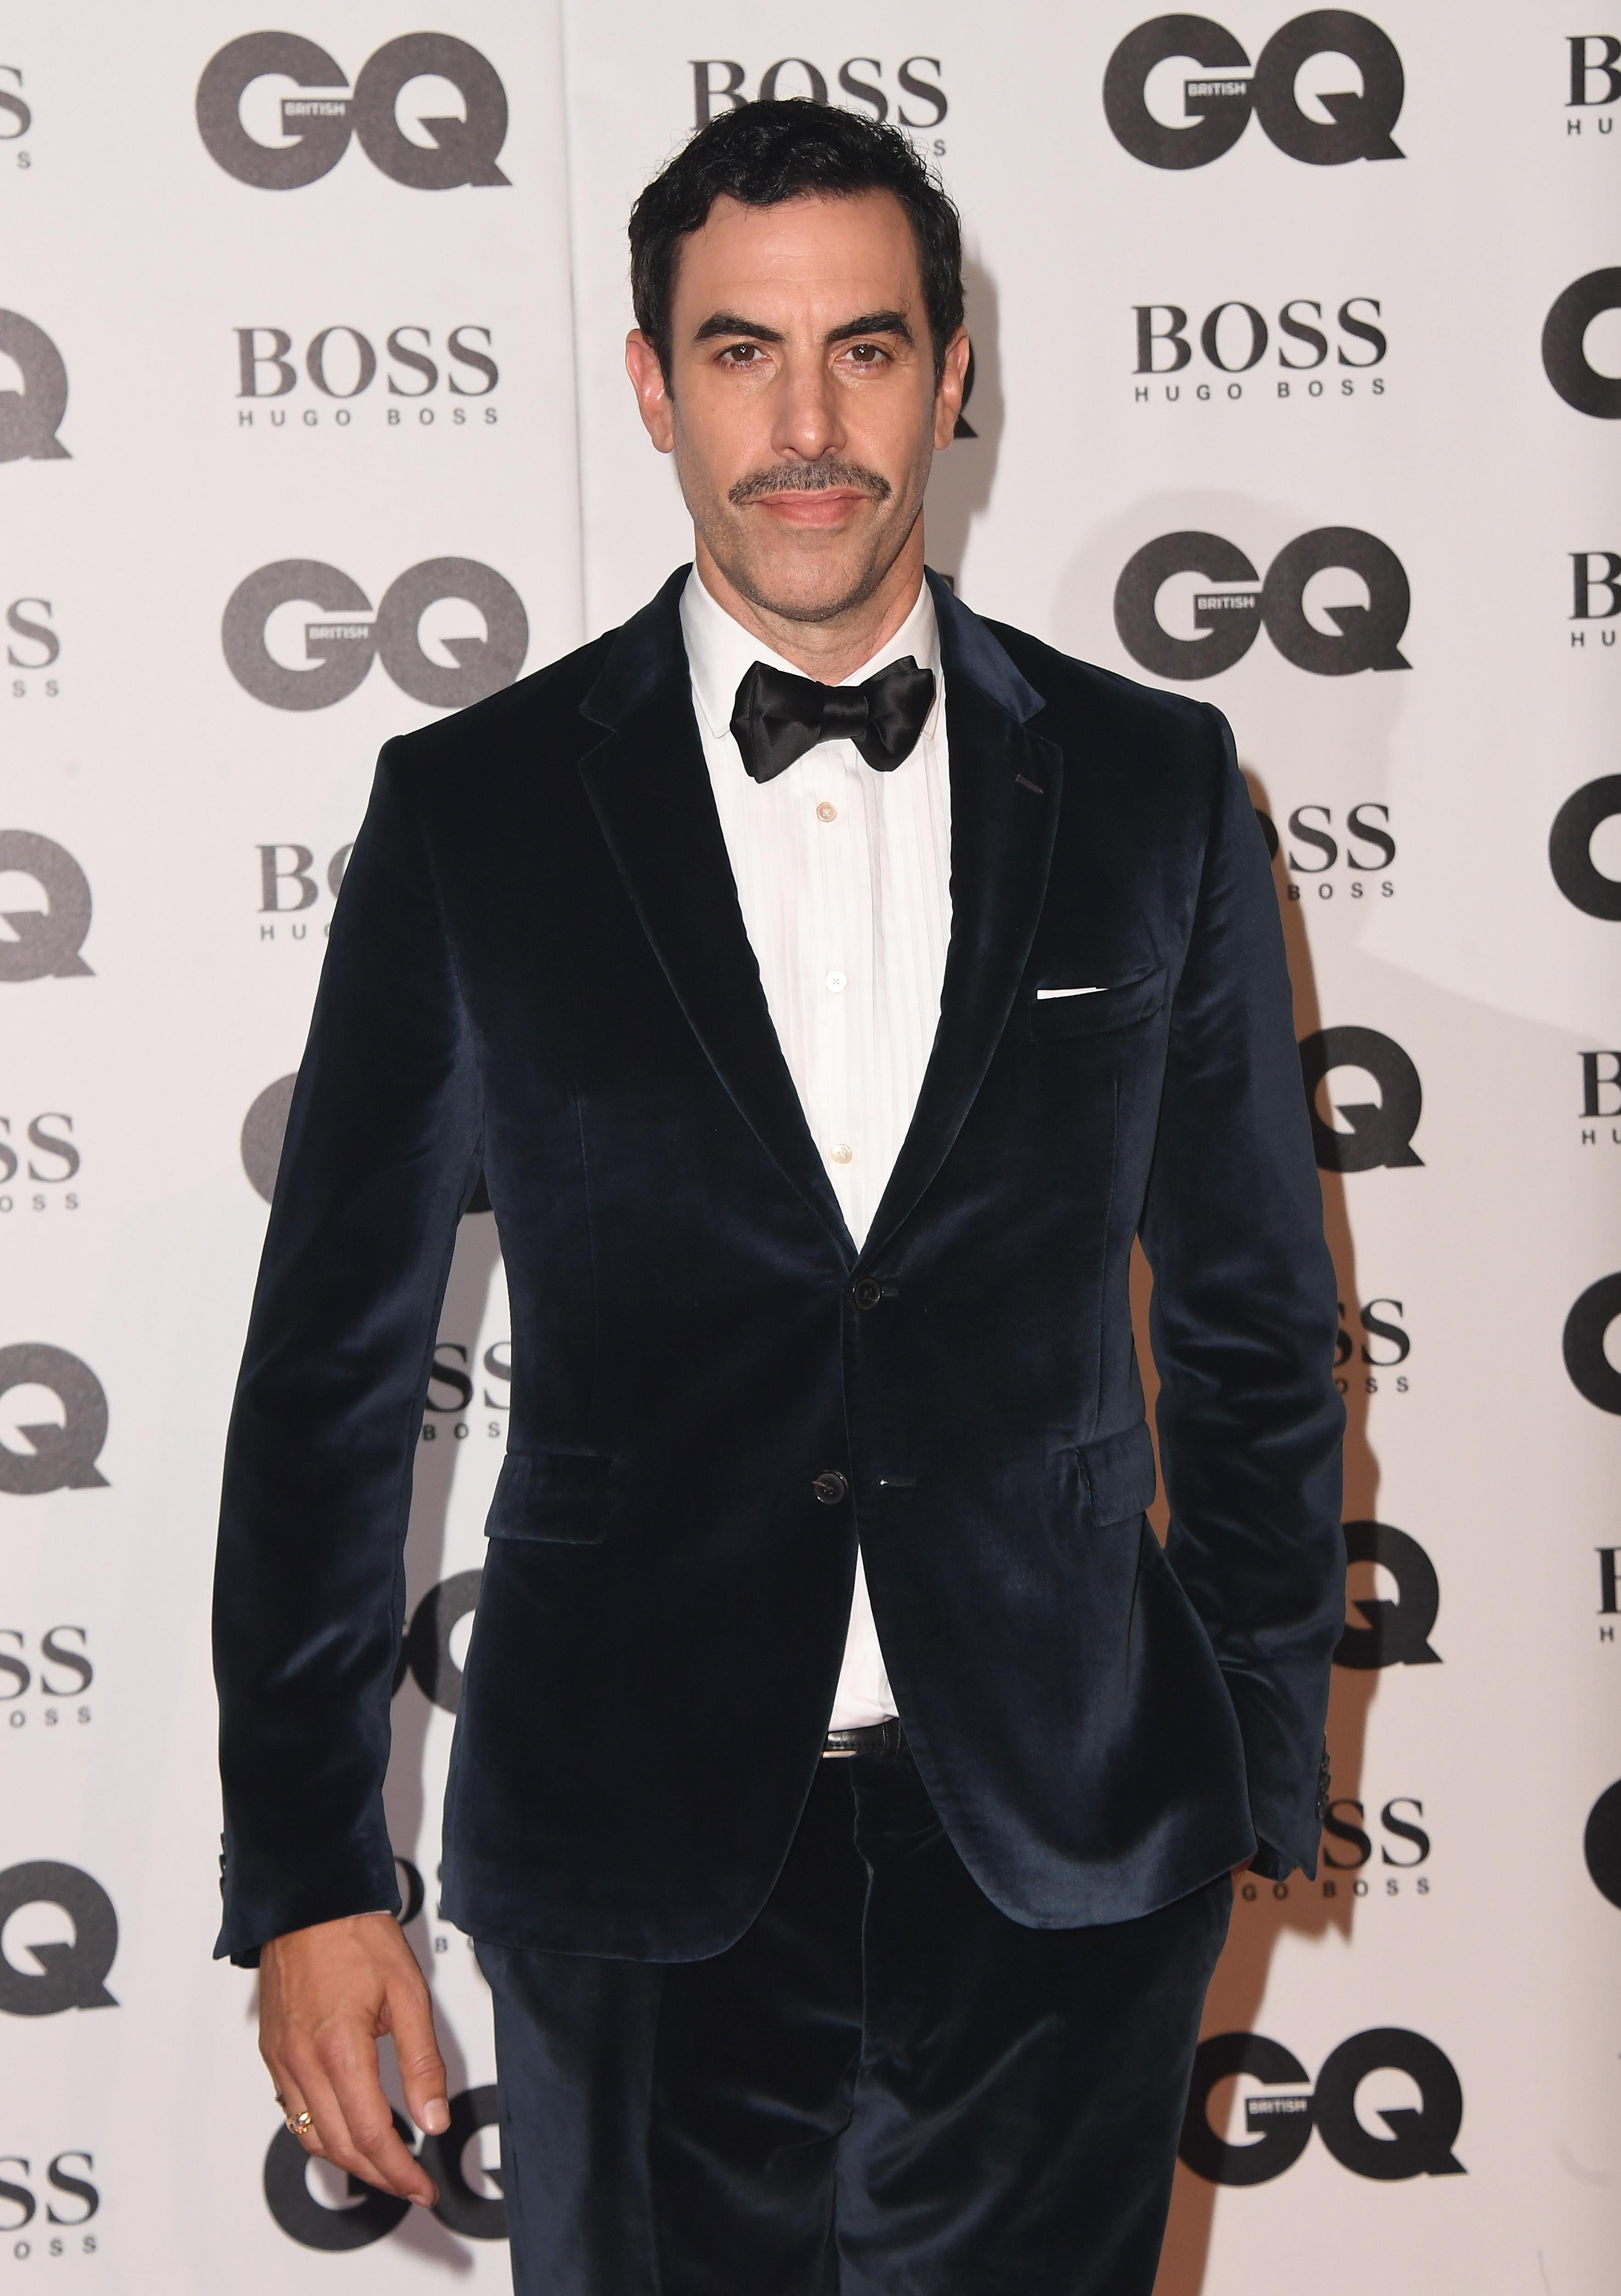 Sacha Baron Cohen in a tuxedo.